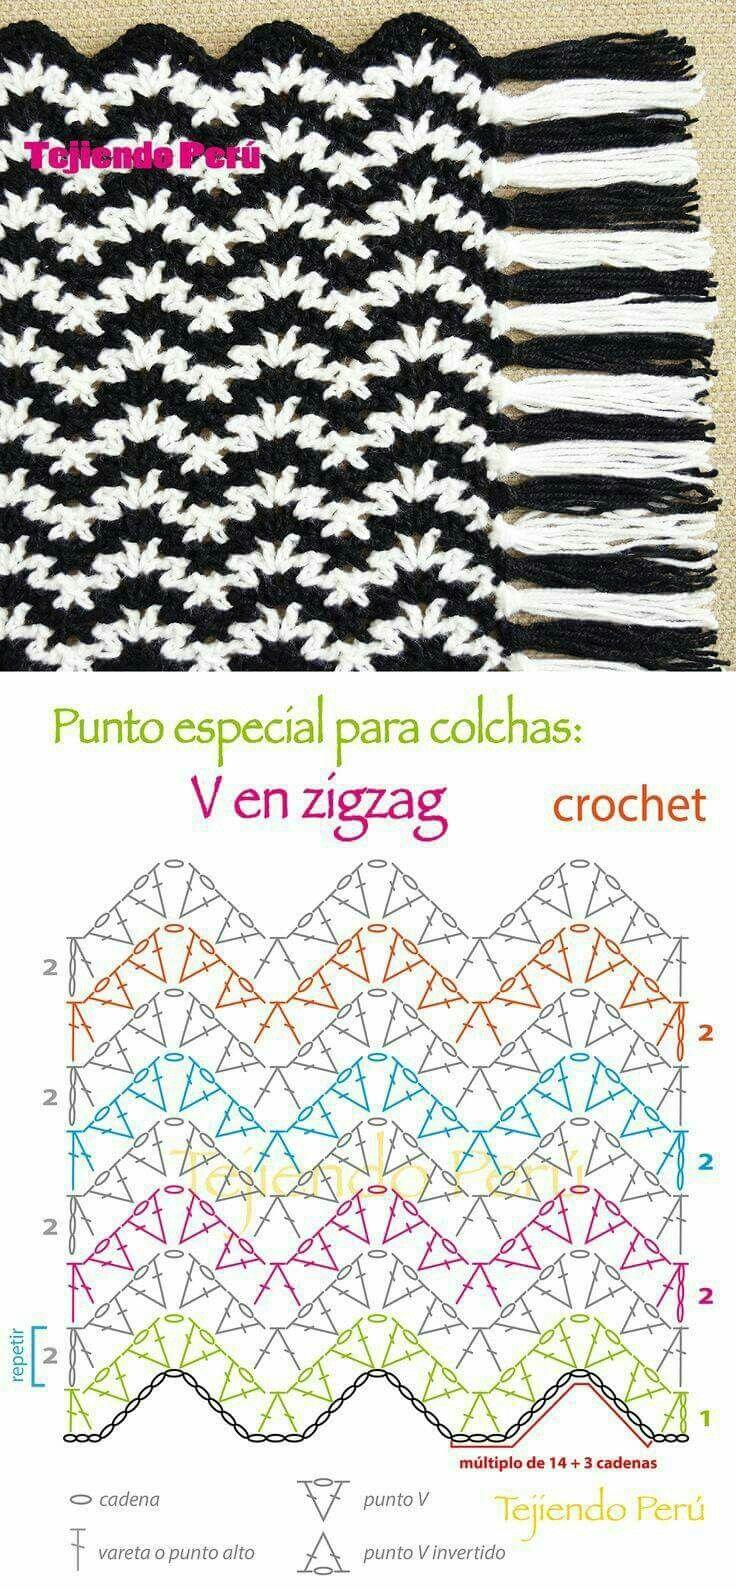 Pin de Leedie Grace en Crochet Ripple Stitch   Pinterest